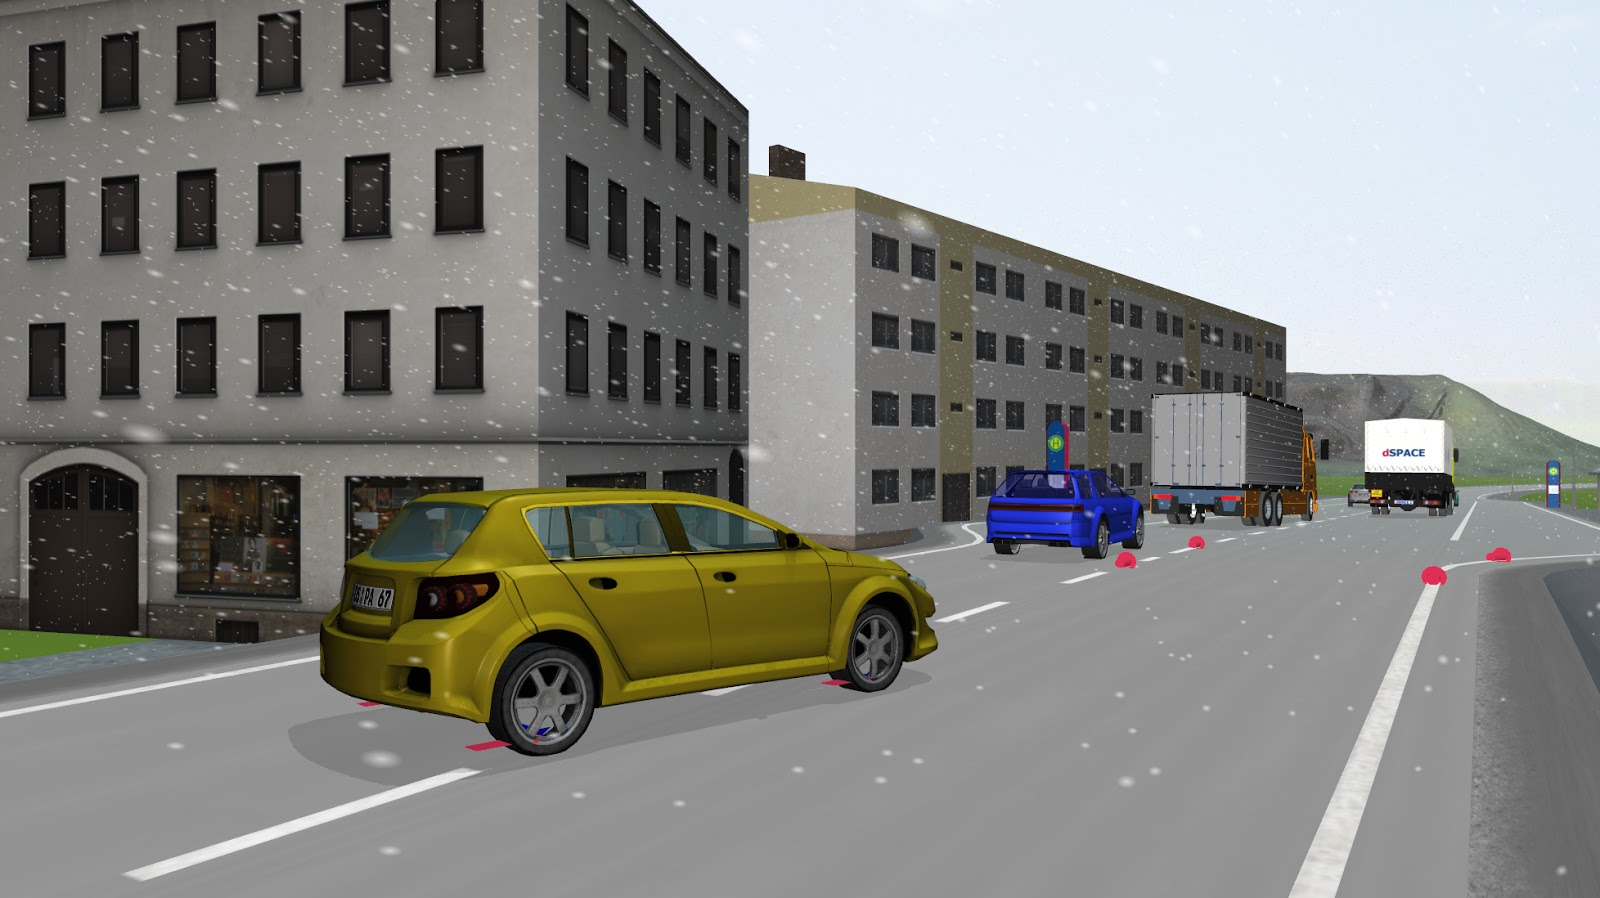 voiture du futur un logiciel de simulation r aliste chez. Black Bedroom Furniture Sets. Home Design Ideas